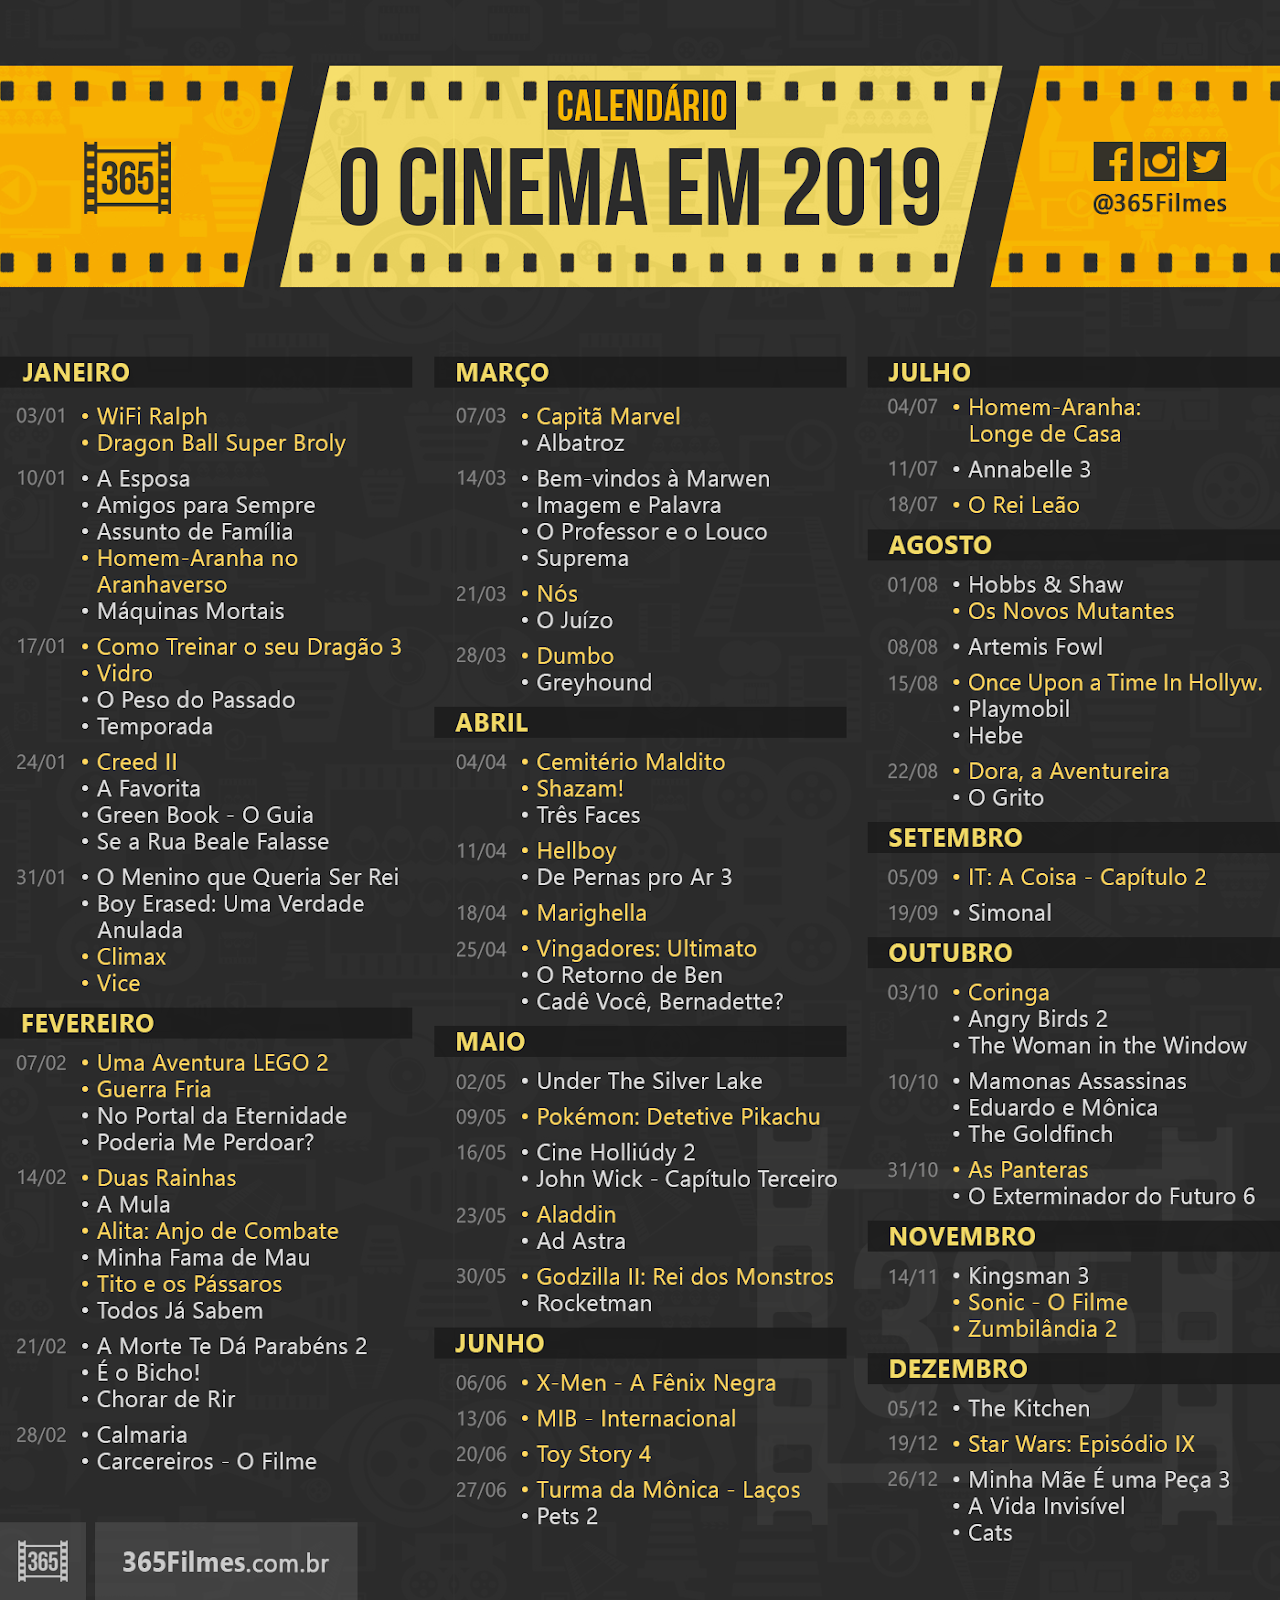 Frases Bonitas De Filmes Relembre Grandes Sucessos Do Cinema